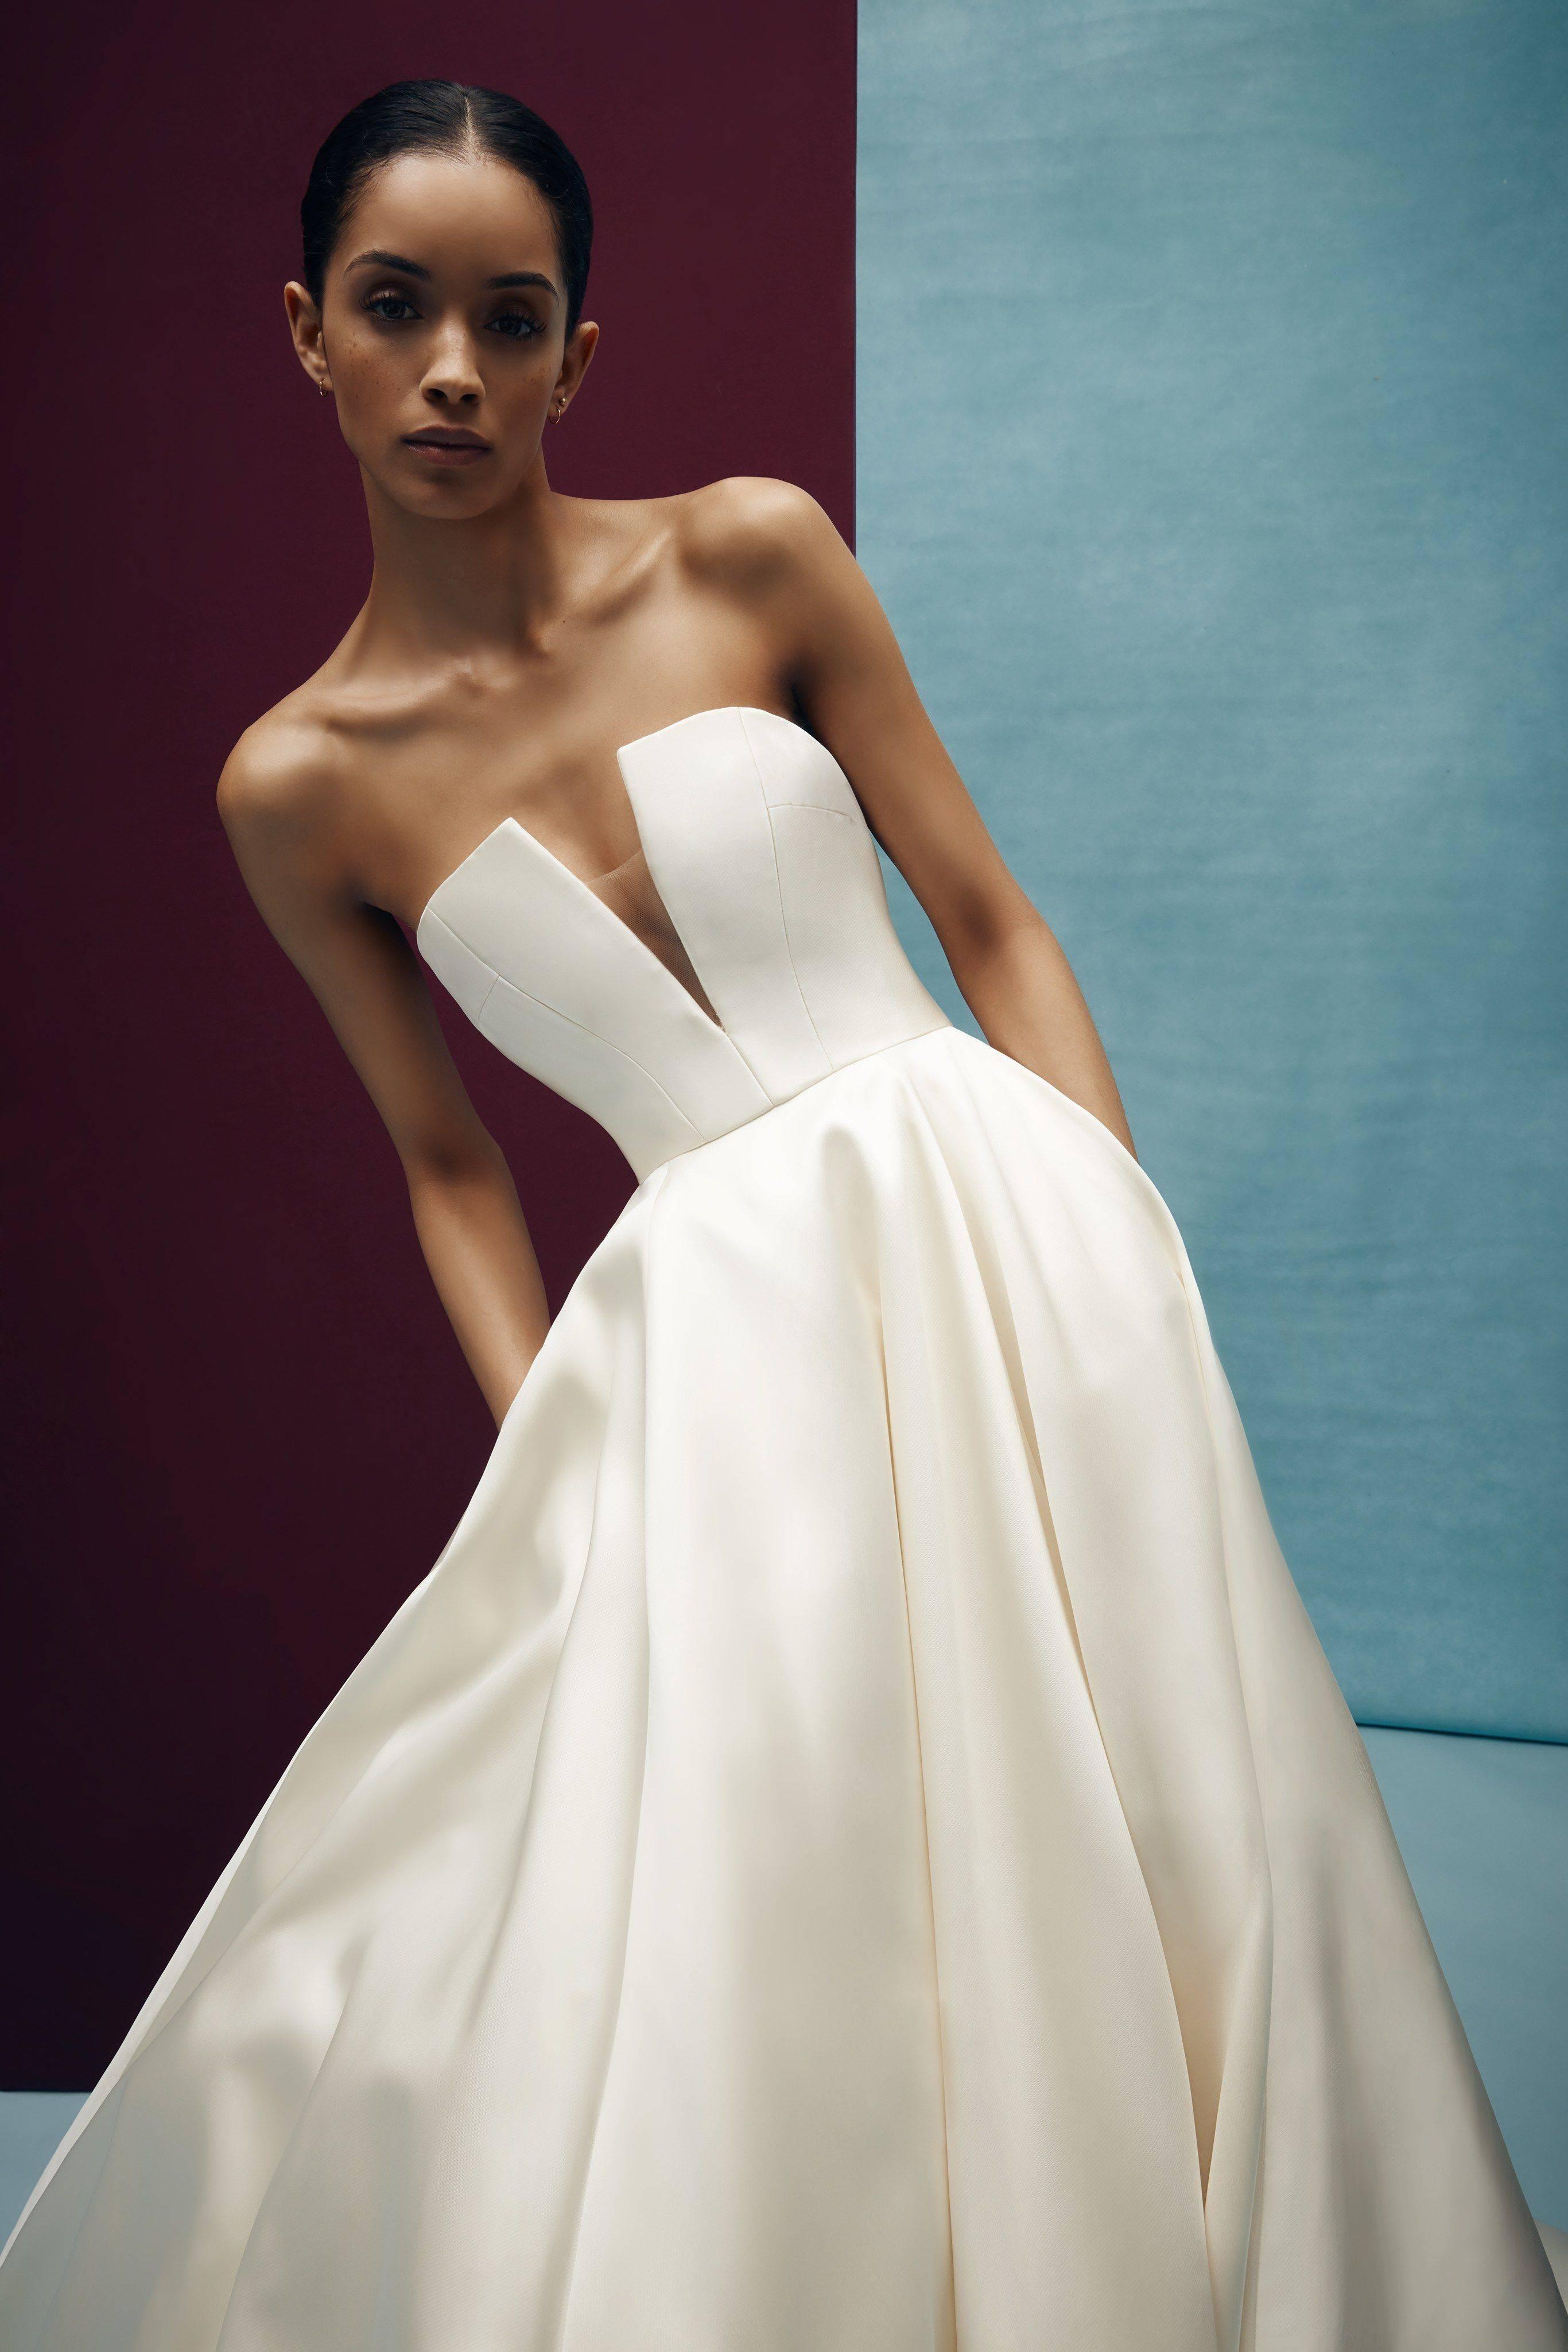 Особенности и разновидности платьев-трансформеров, с чем носить